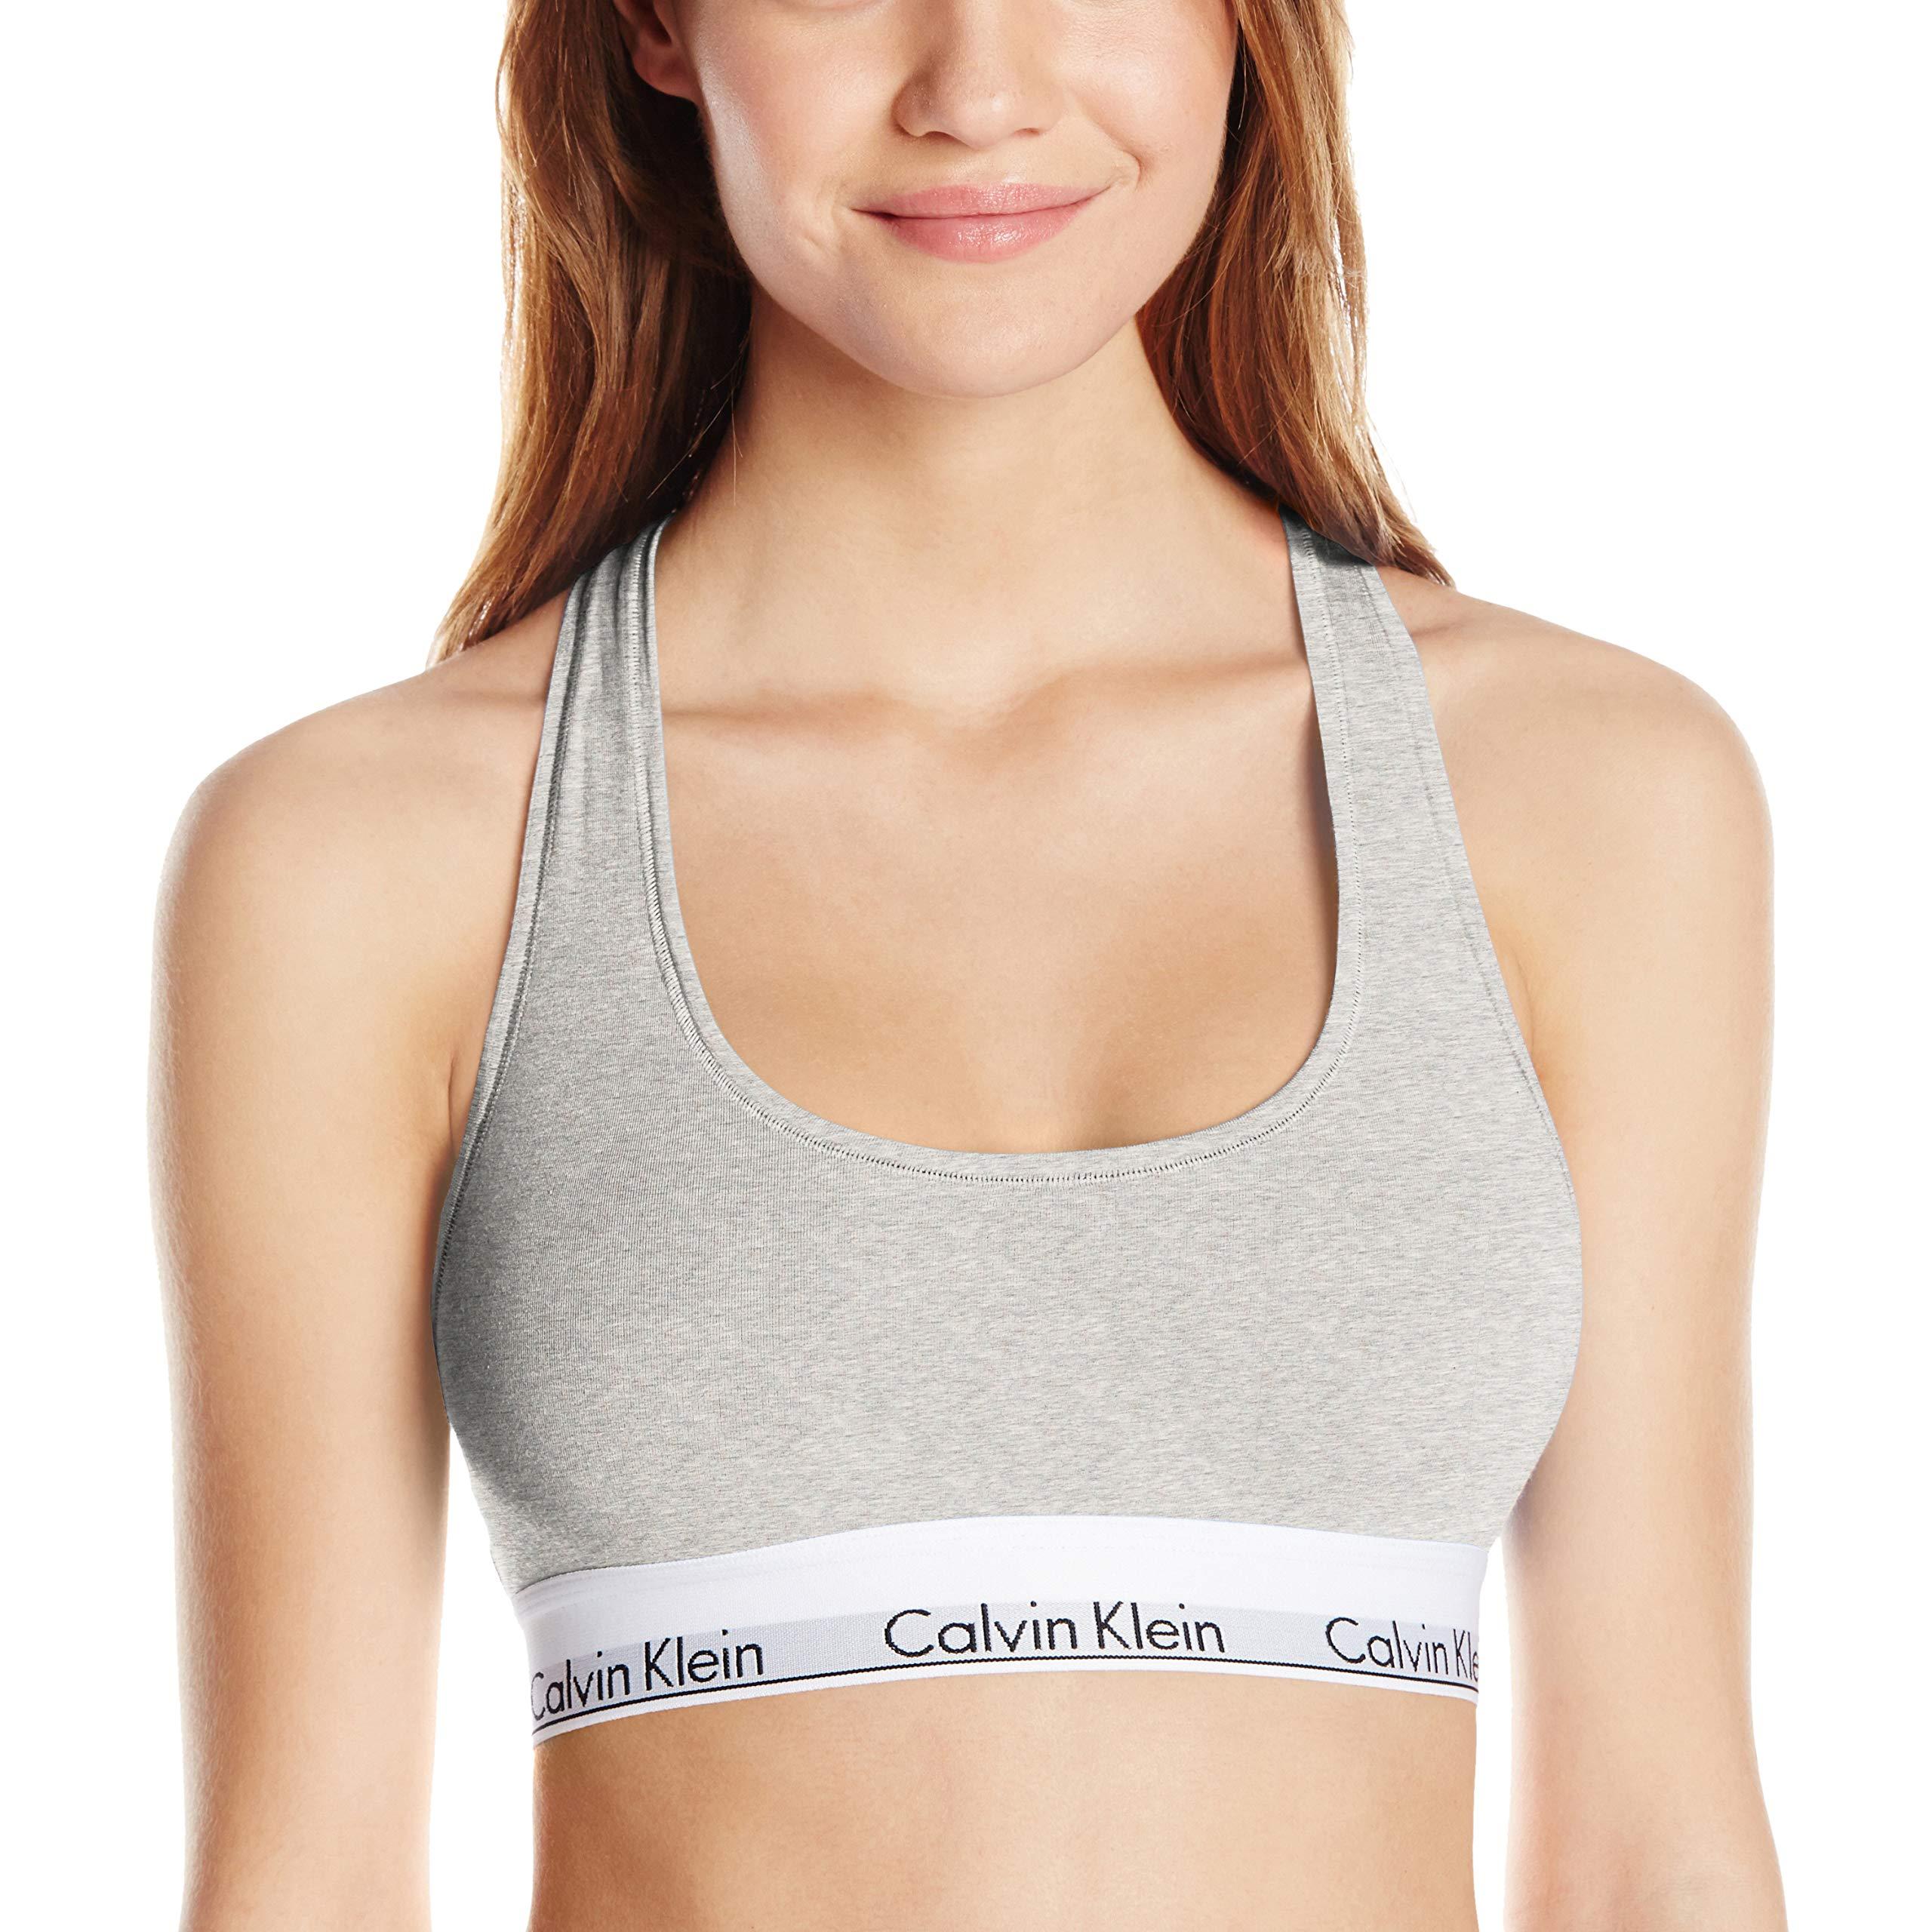 Calvin Klein Women's Modern Cotton Bralette, Grey Heather, Medium